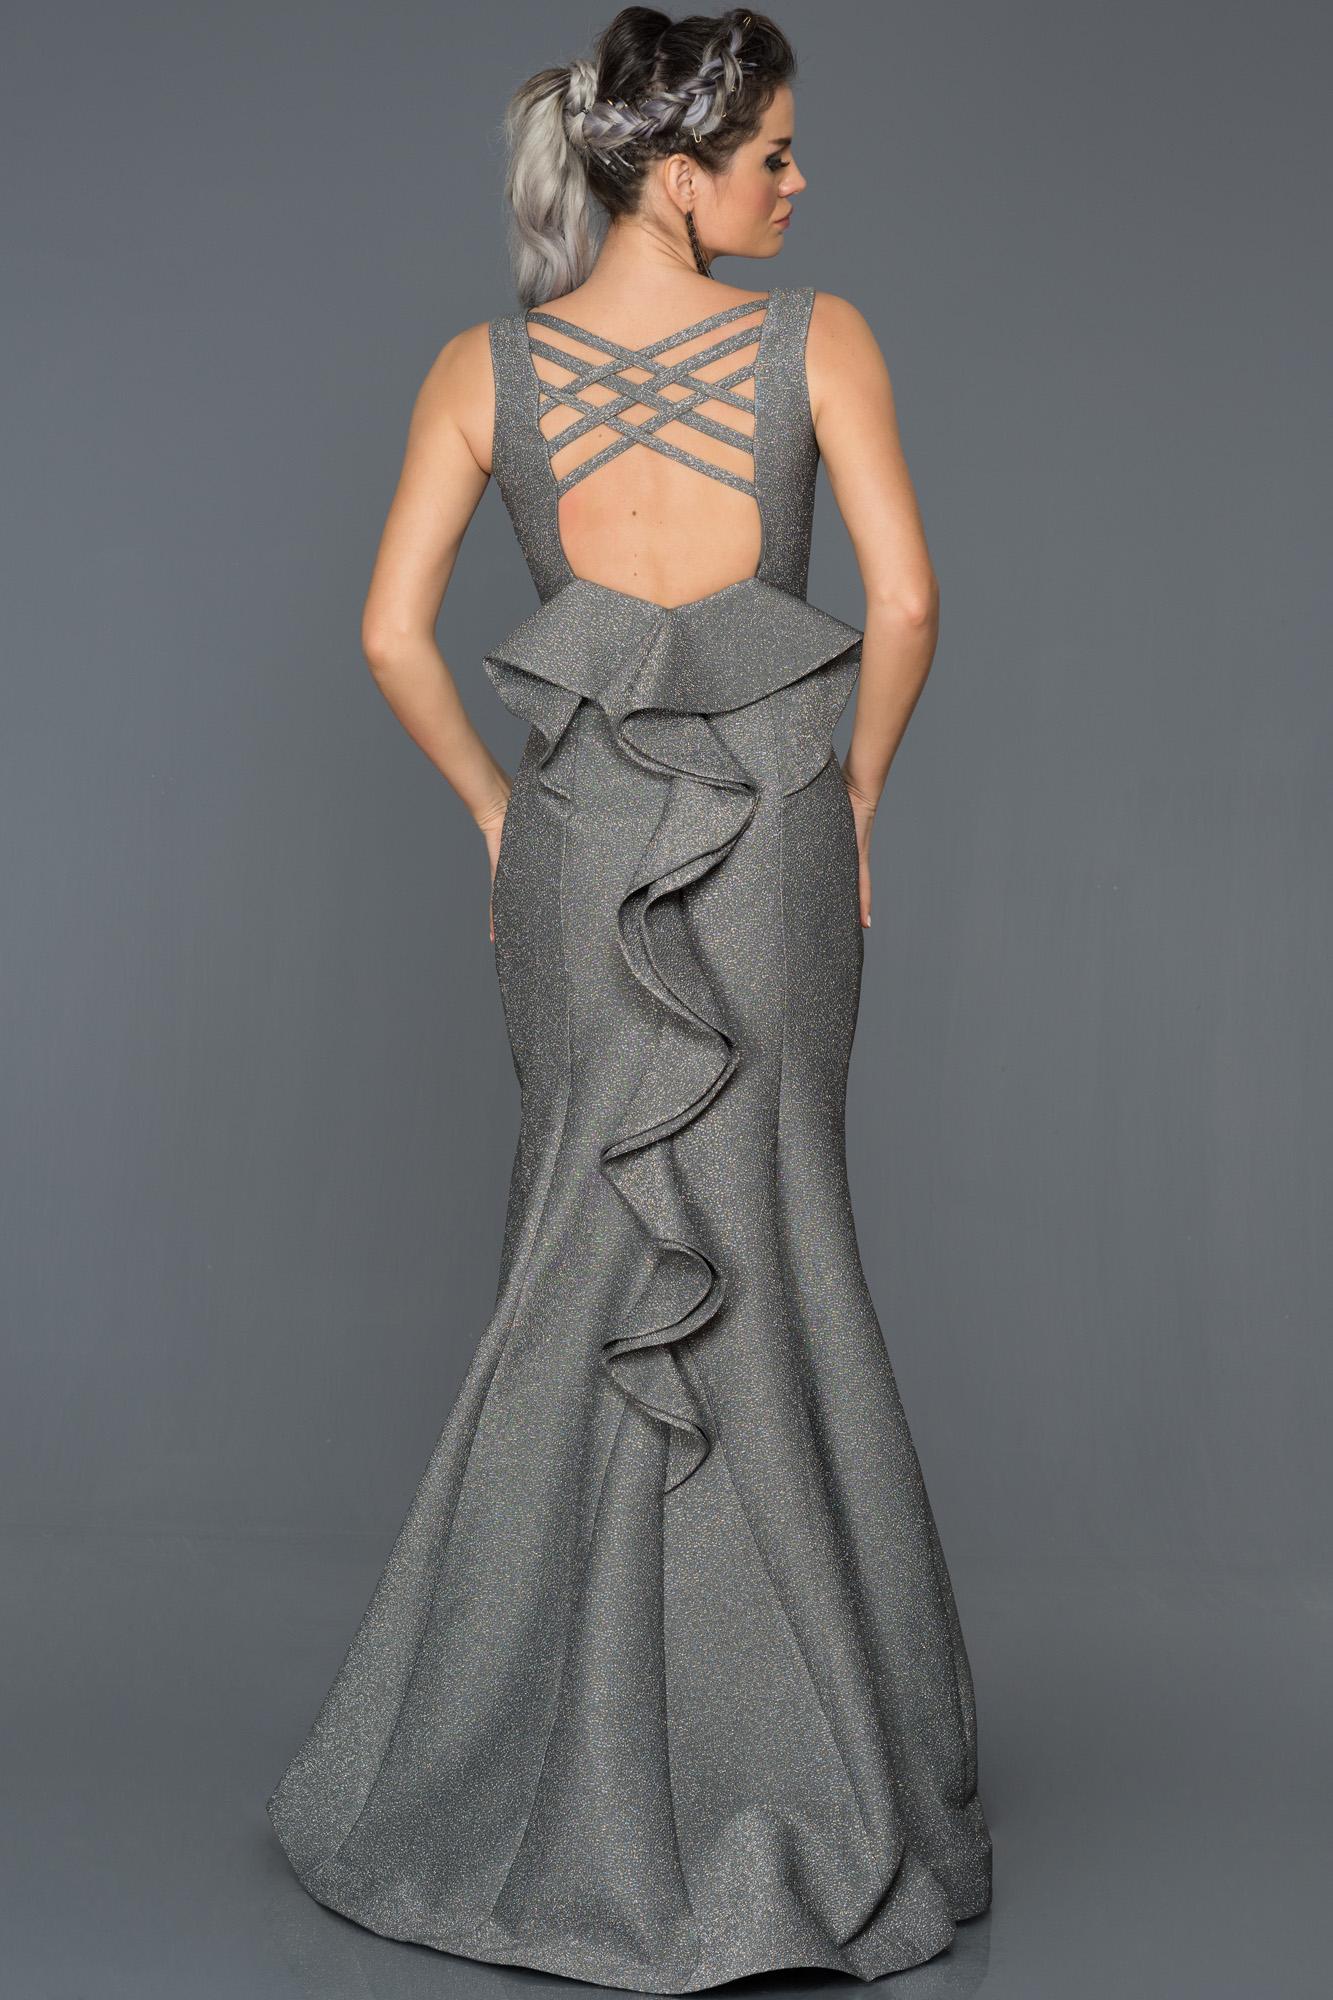 794d7b1c90 Prom Dresses For Bigger Ladies